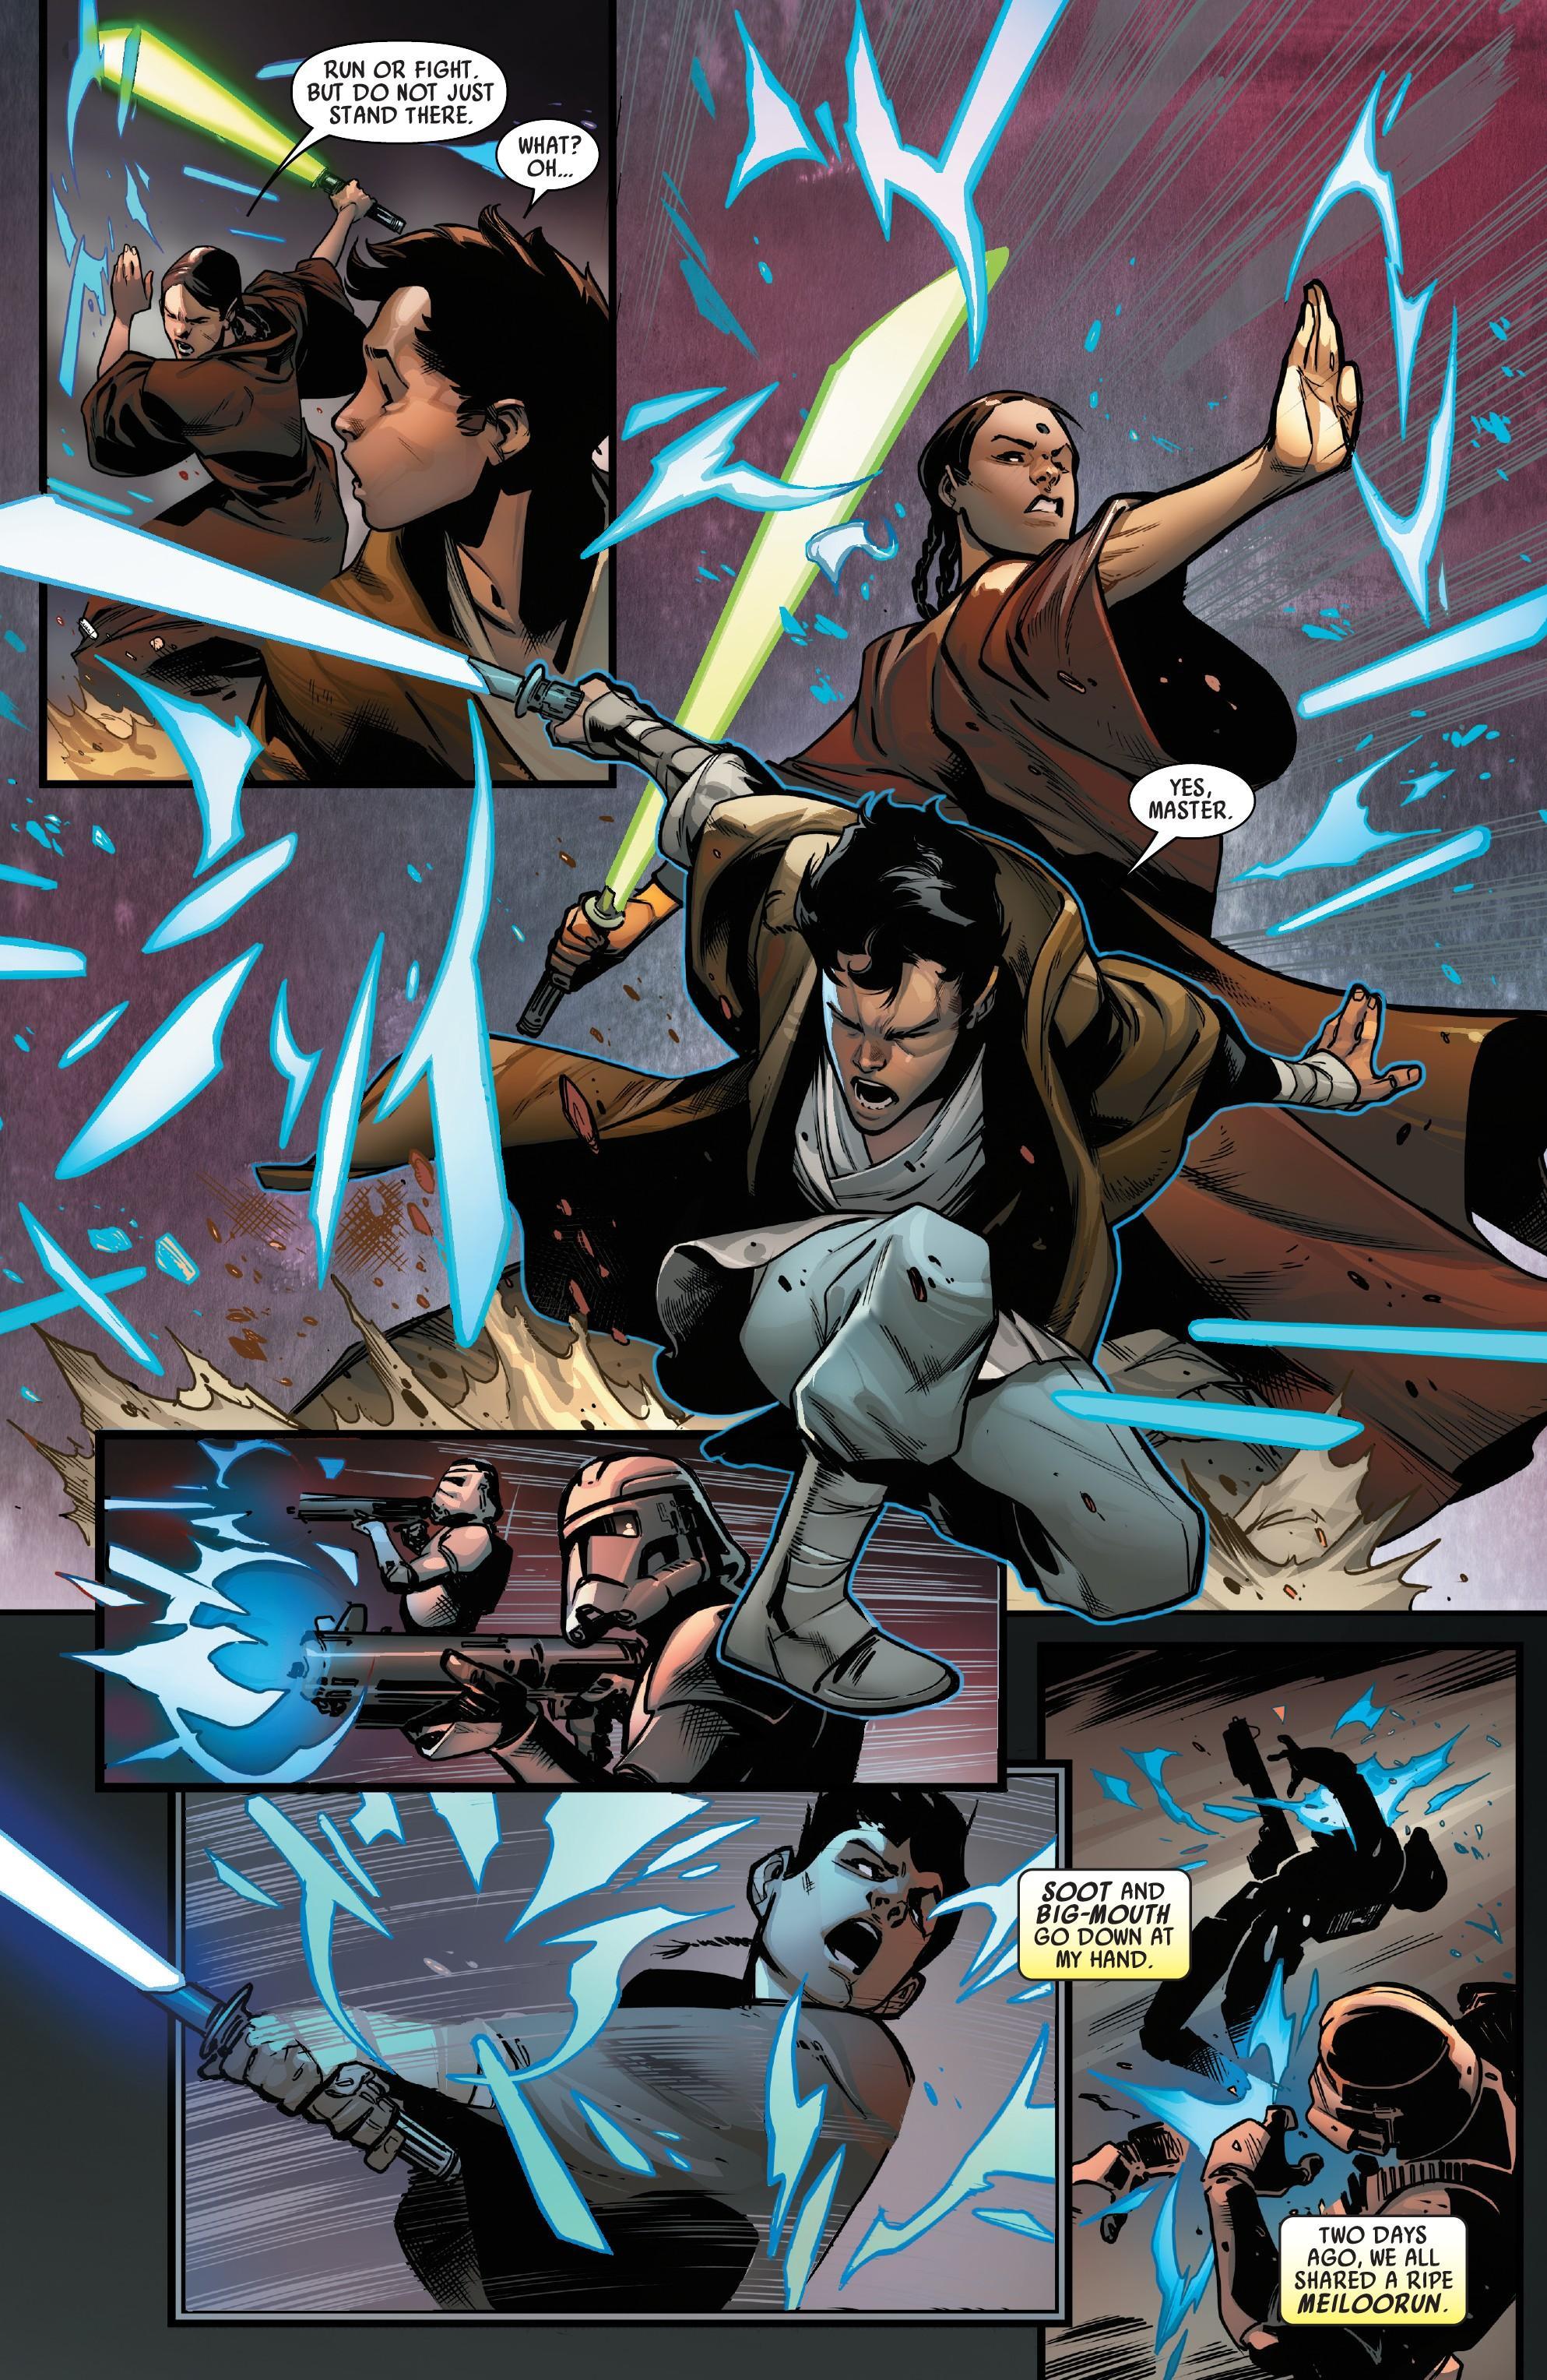 Star Wars Kanan The Last Padawan review